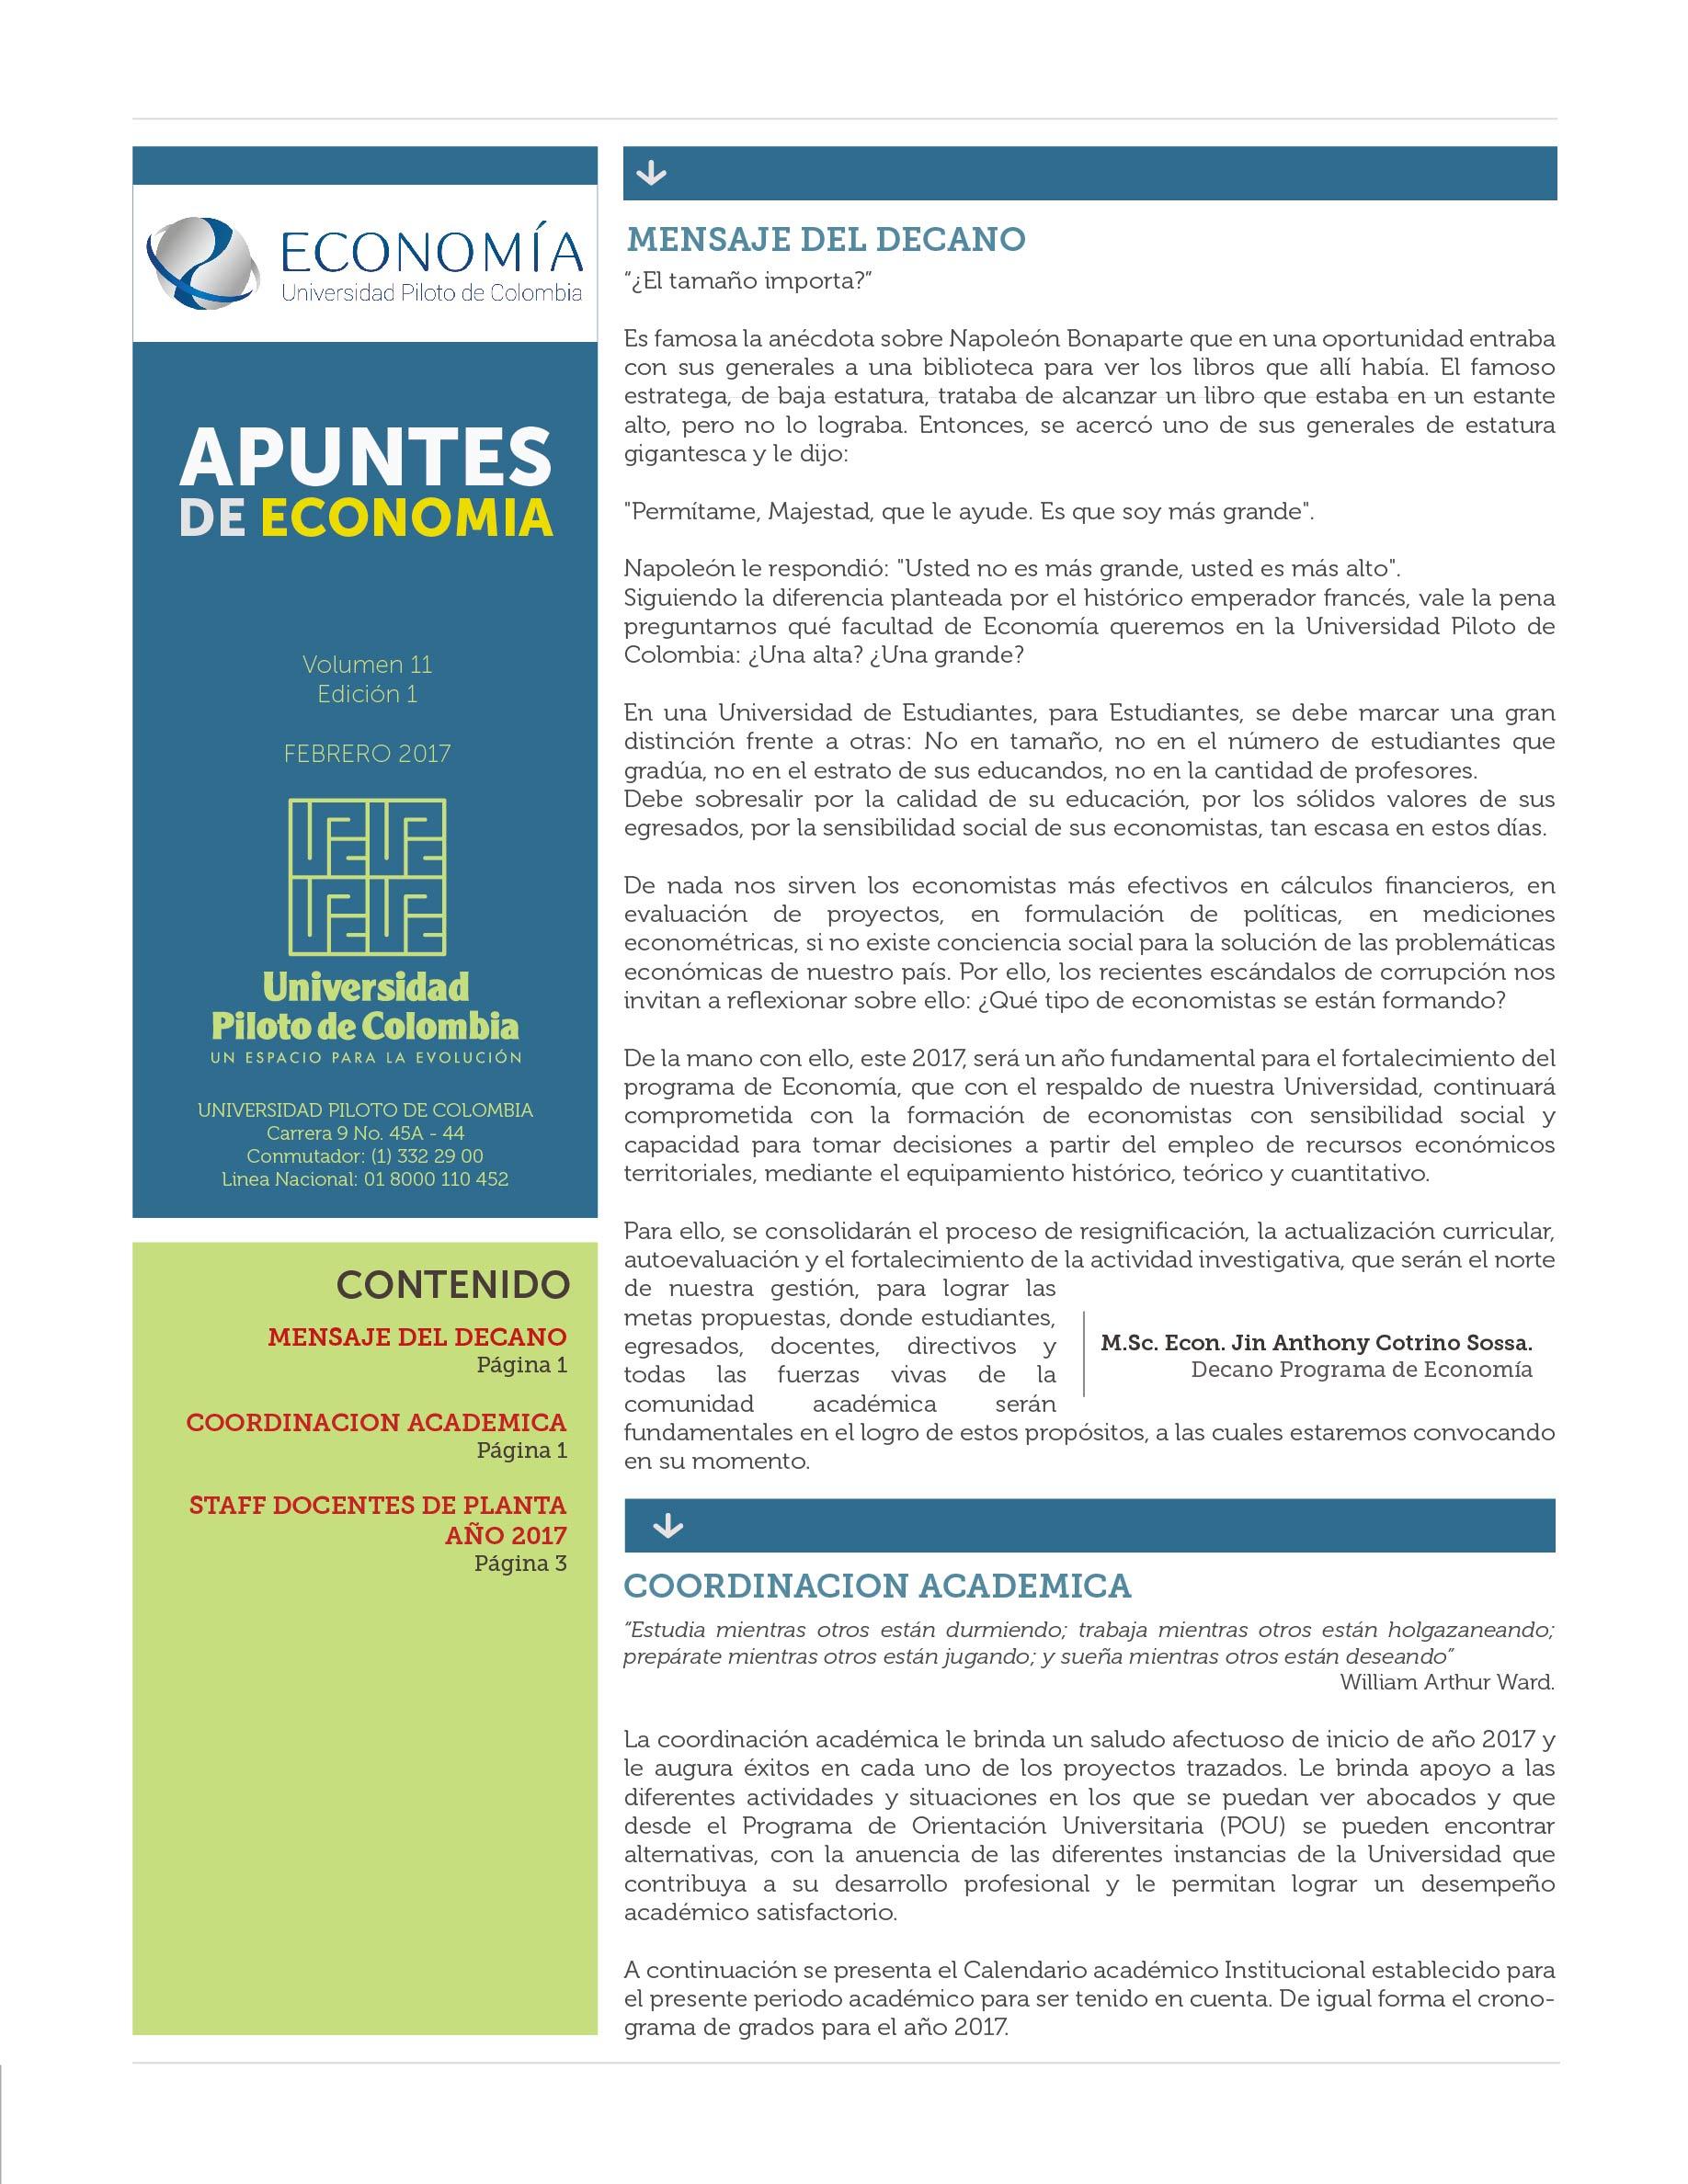 Economia-Febrero2017_Pagina1